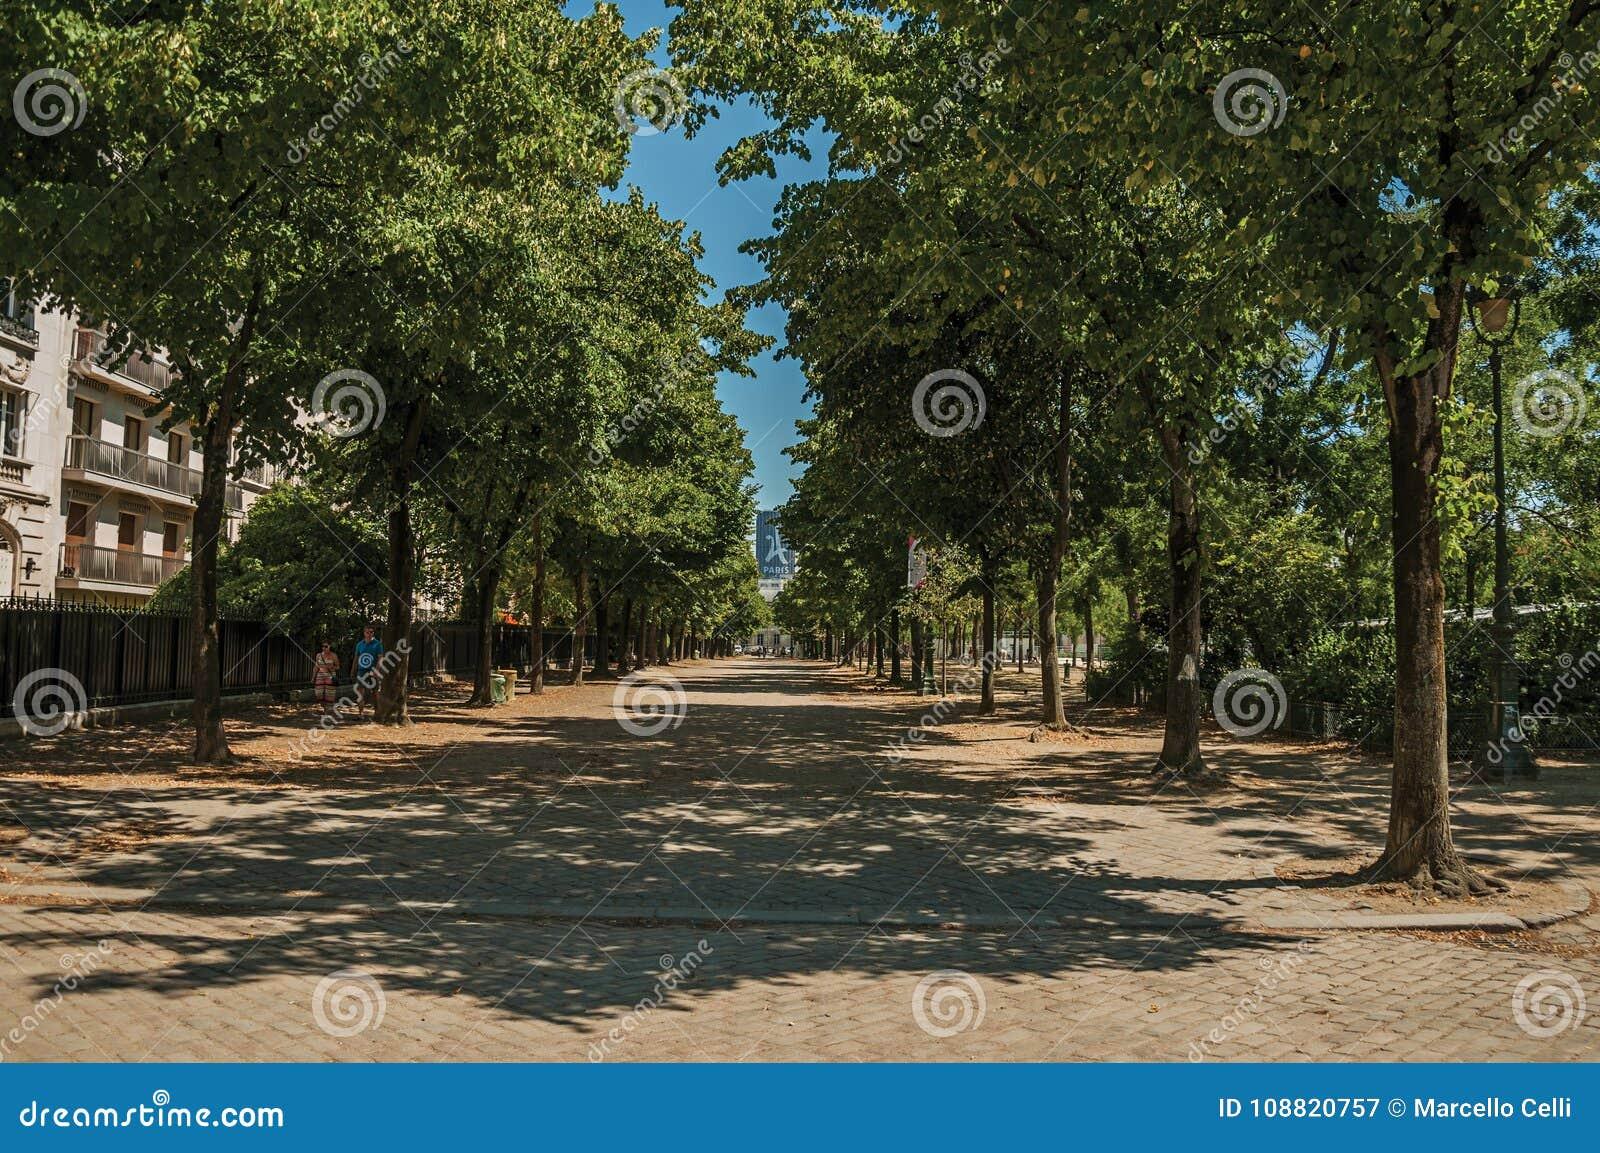 Mensen die op stoep met bomen op een zonnige dag in Parijs lopen